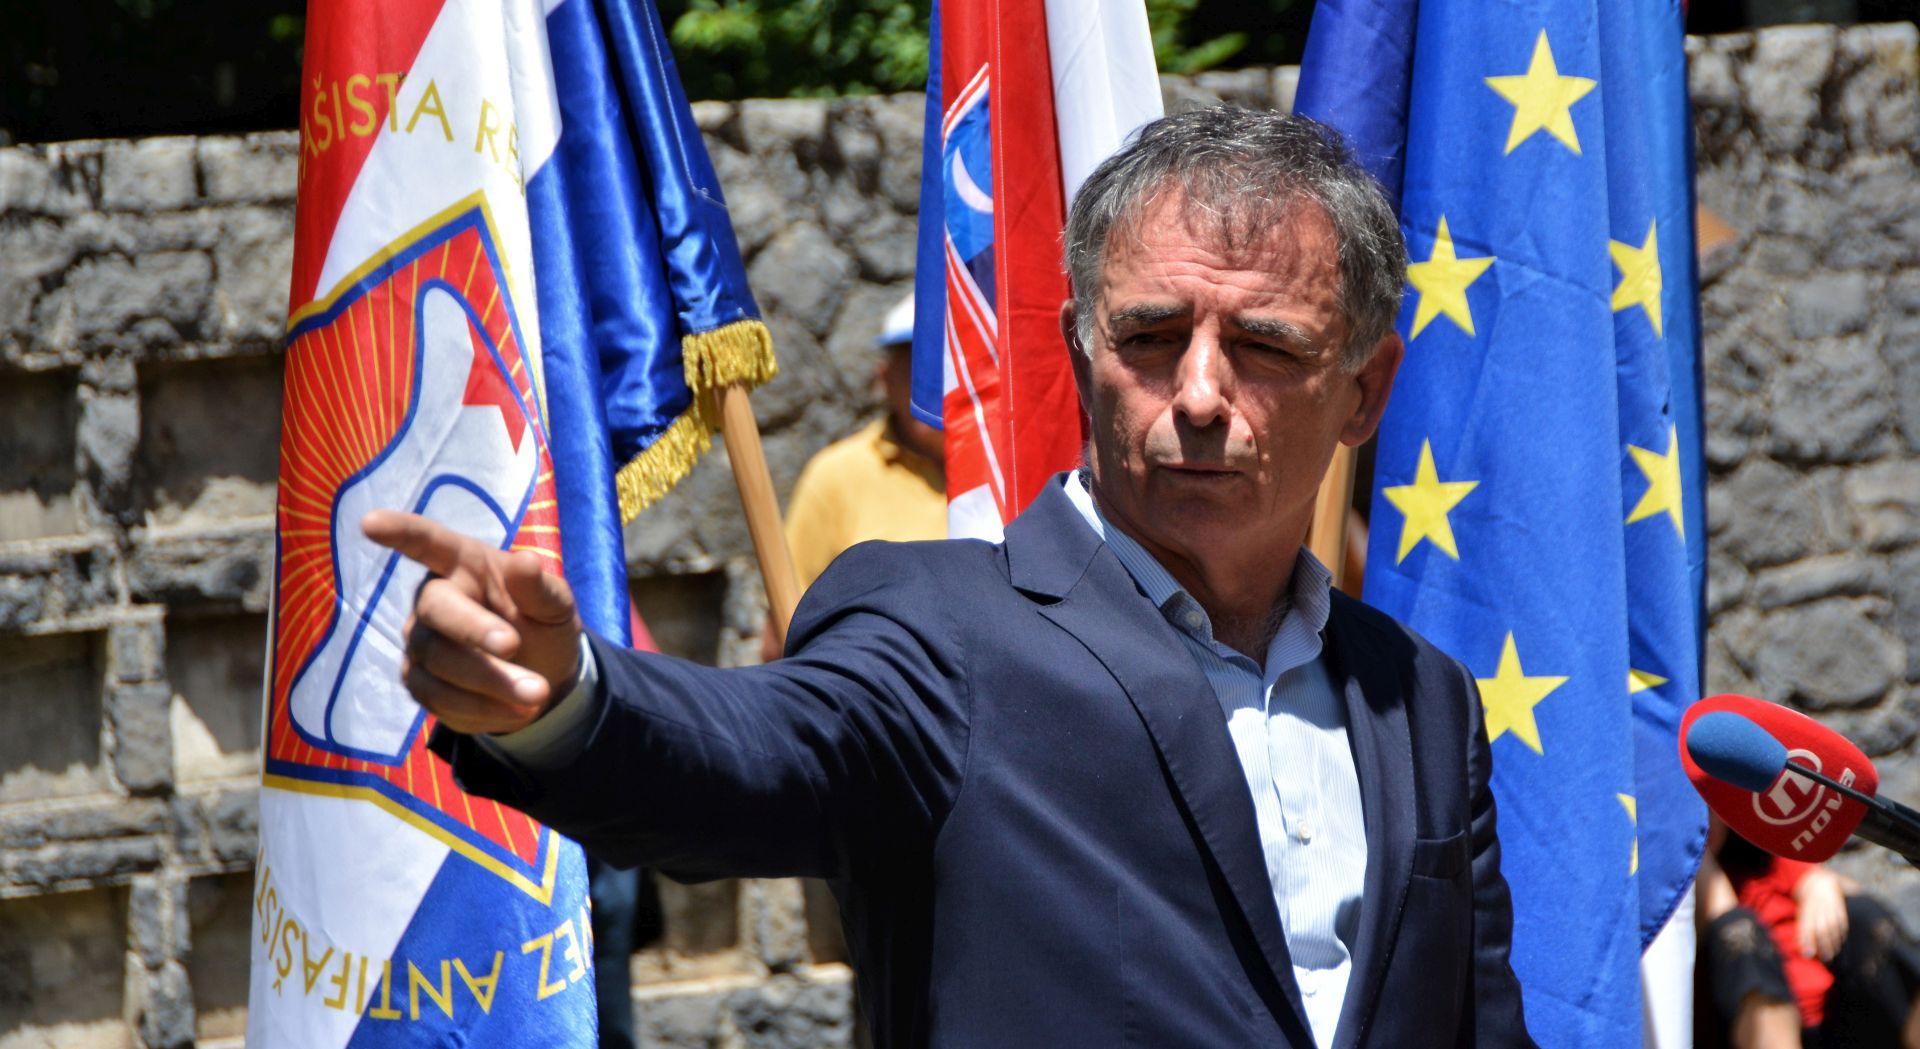 SRB Proslava dana ustanka, očekuju se prosvjedi